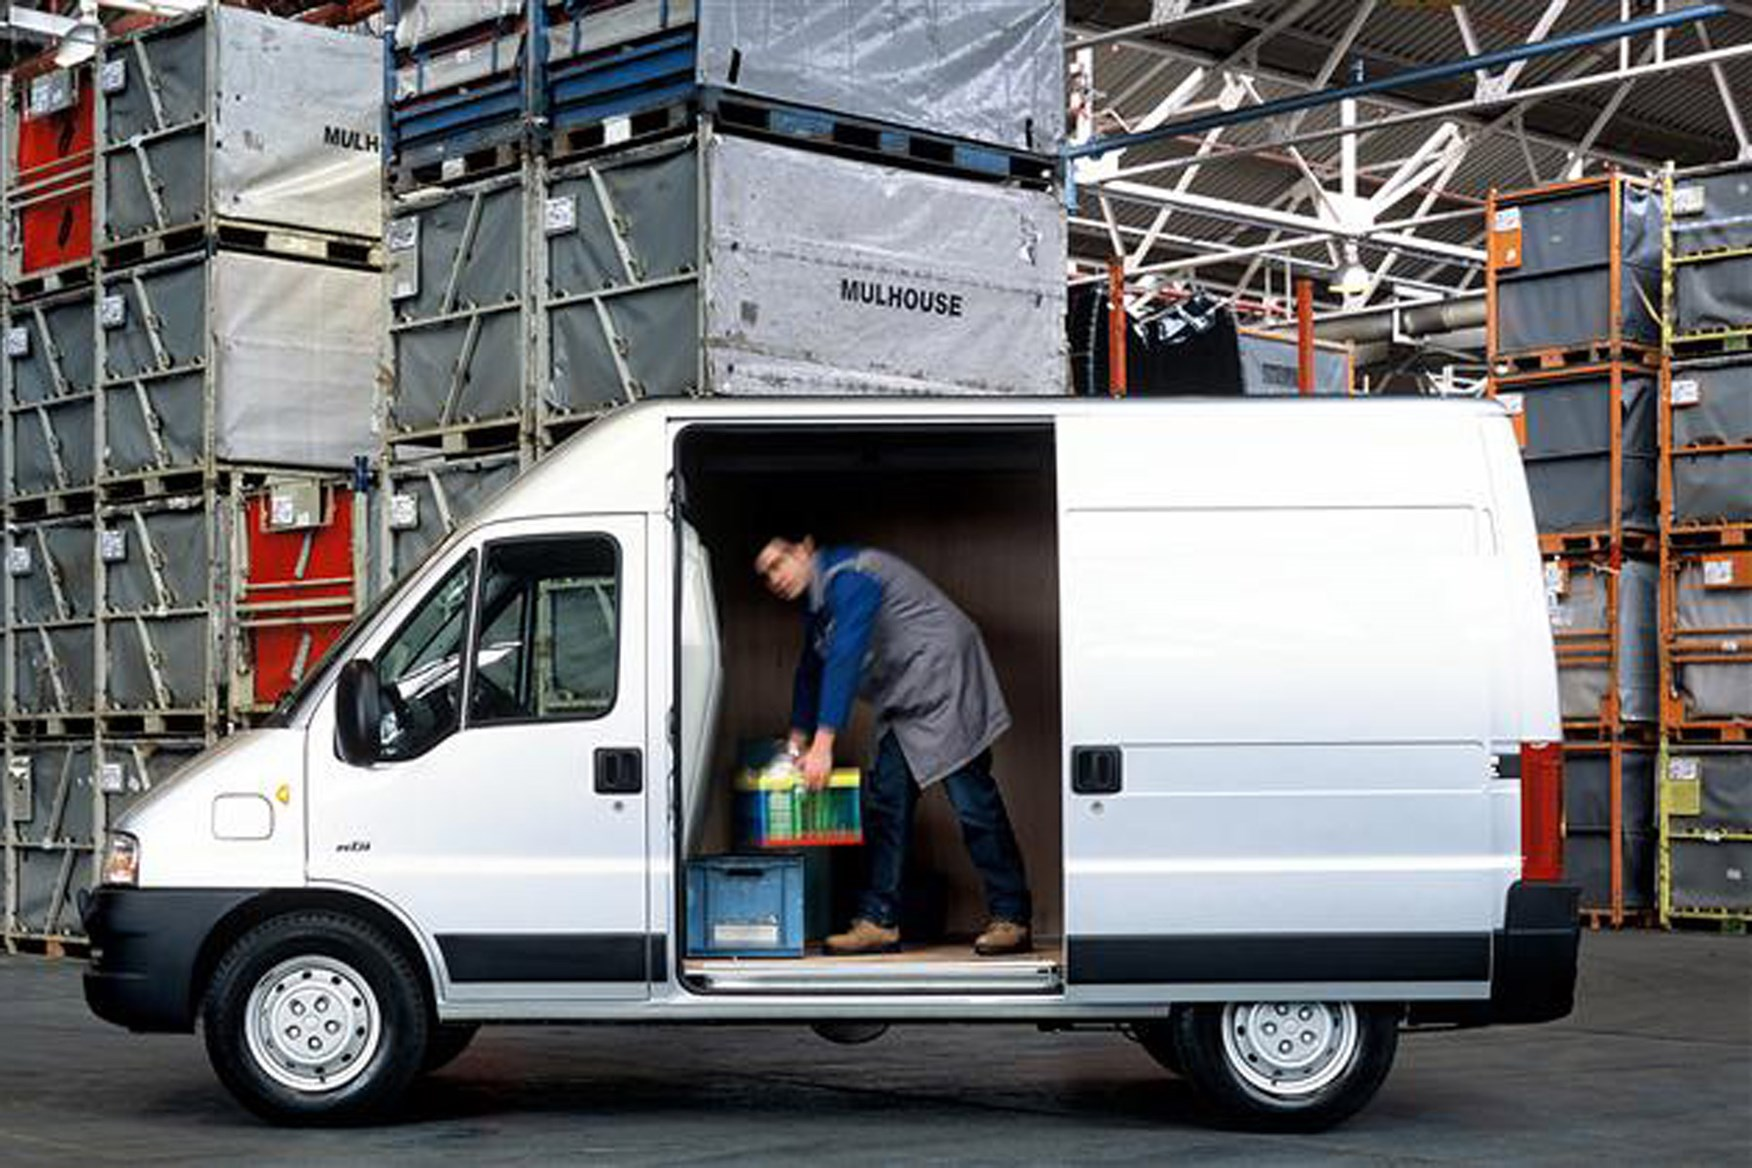 Peugeot Boxer review on Parkers Vans - load area access